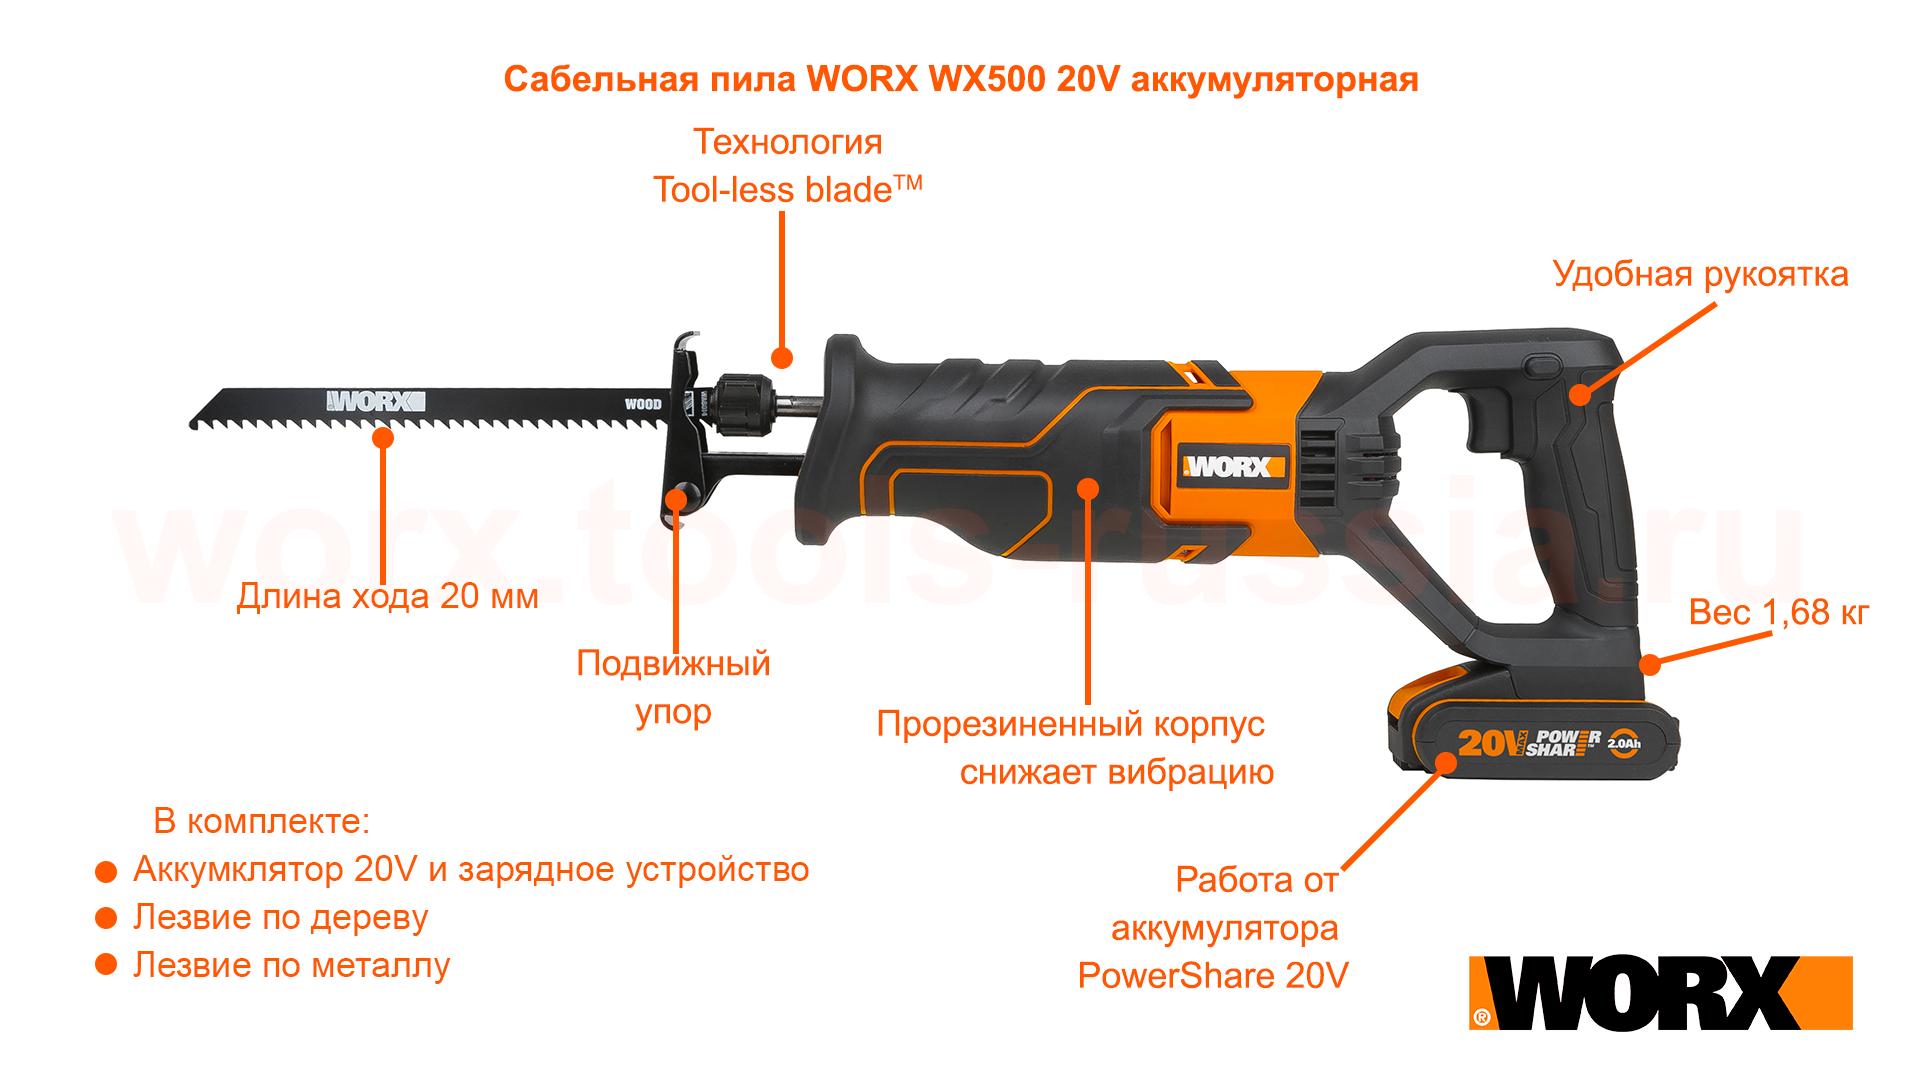 sabelnaya-pila-worx-wx500-20v-akkumulyatornaya.png